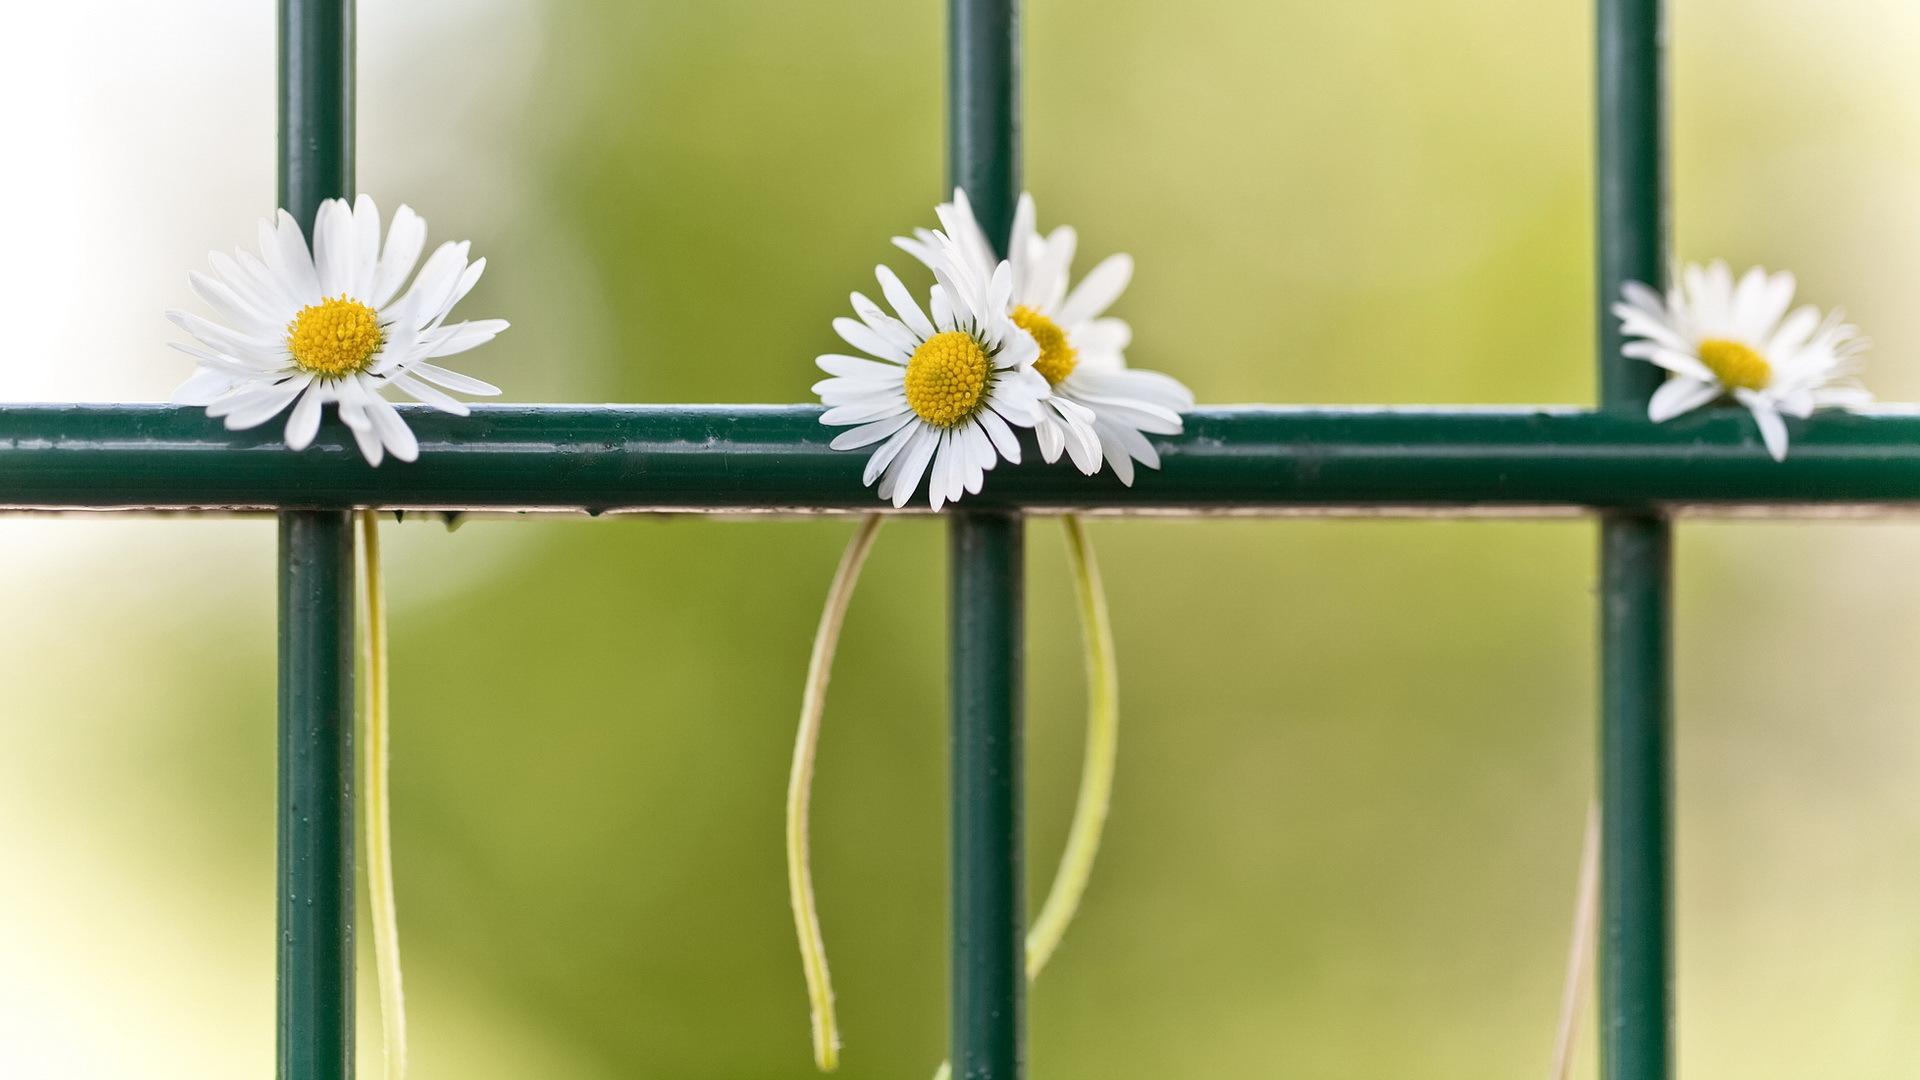 Забор цветы  № 2488825 бесплатно